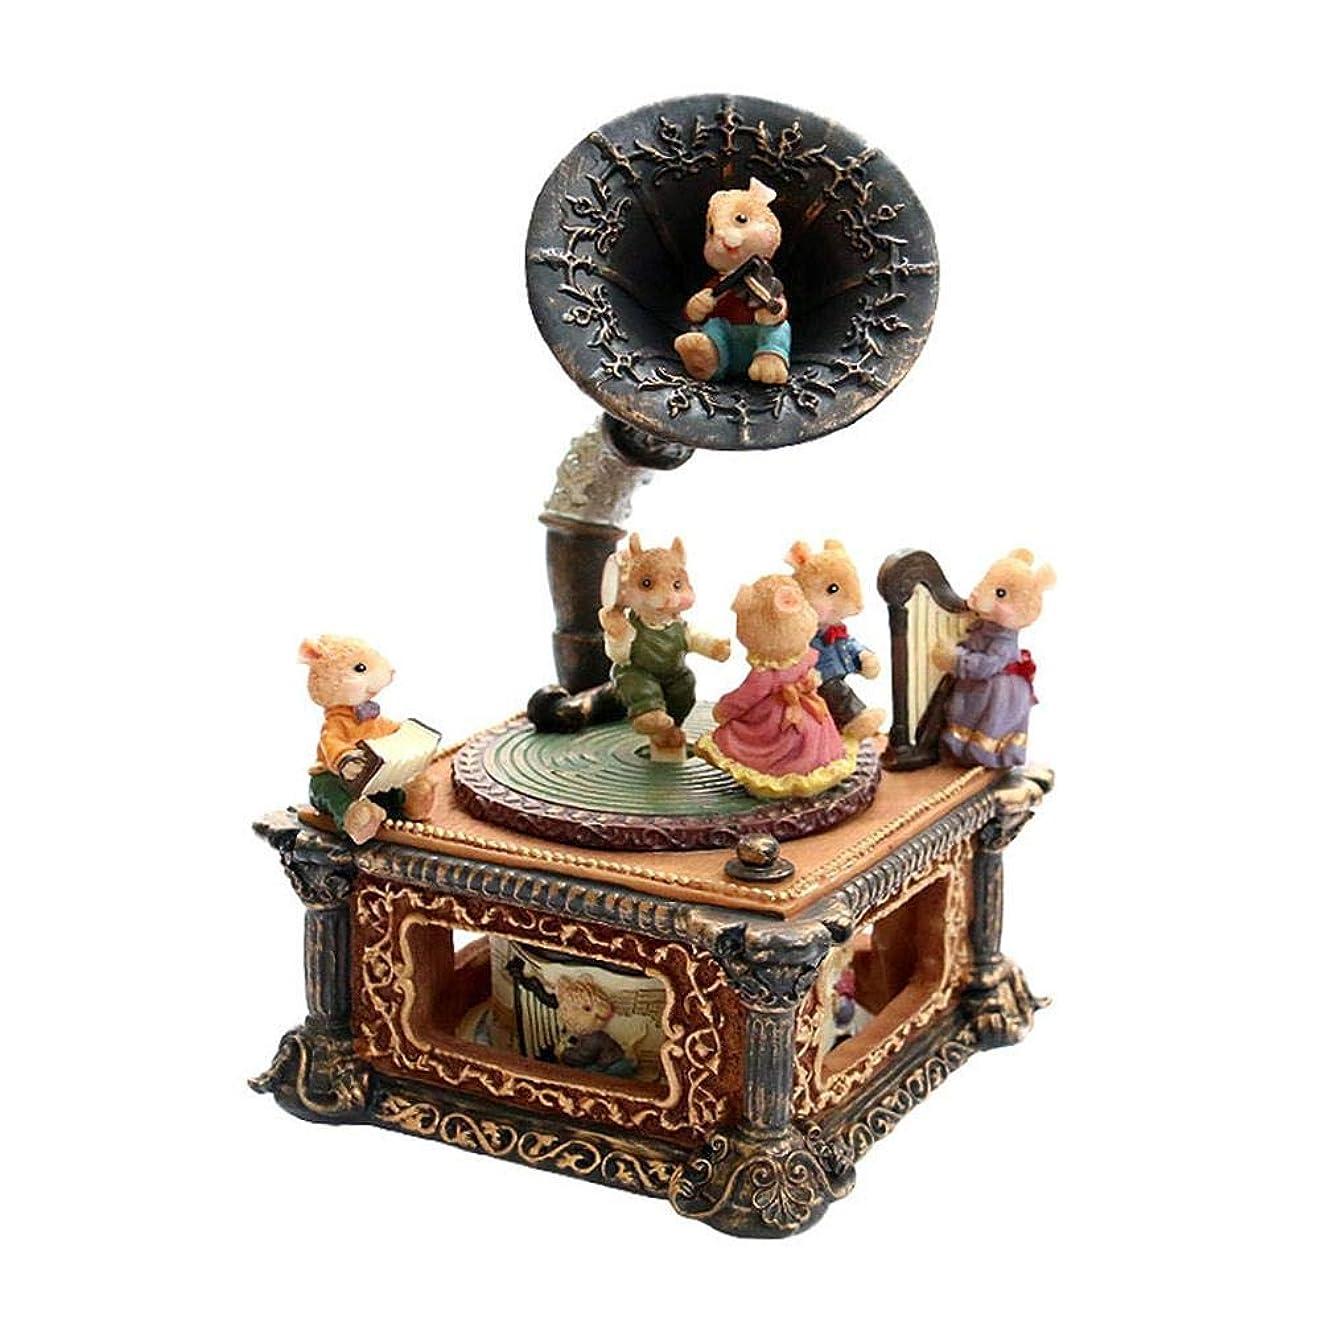 慢歴史的バンカー?クリスマスの家の装飾のためのオルゴールクラシックレトロホーン蓄音機オルゴール